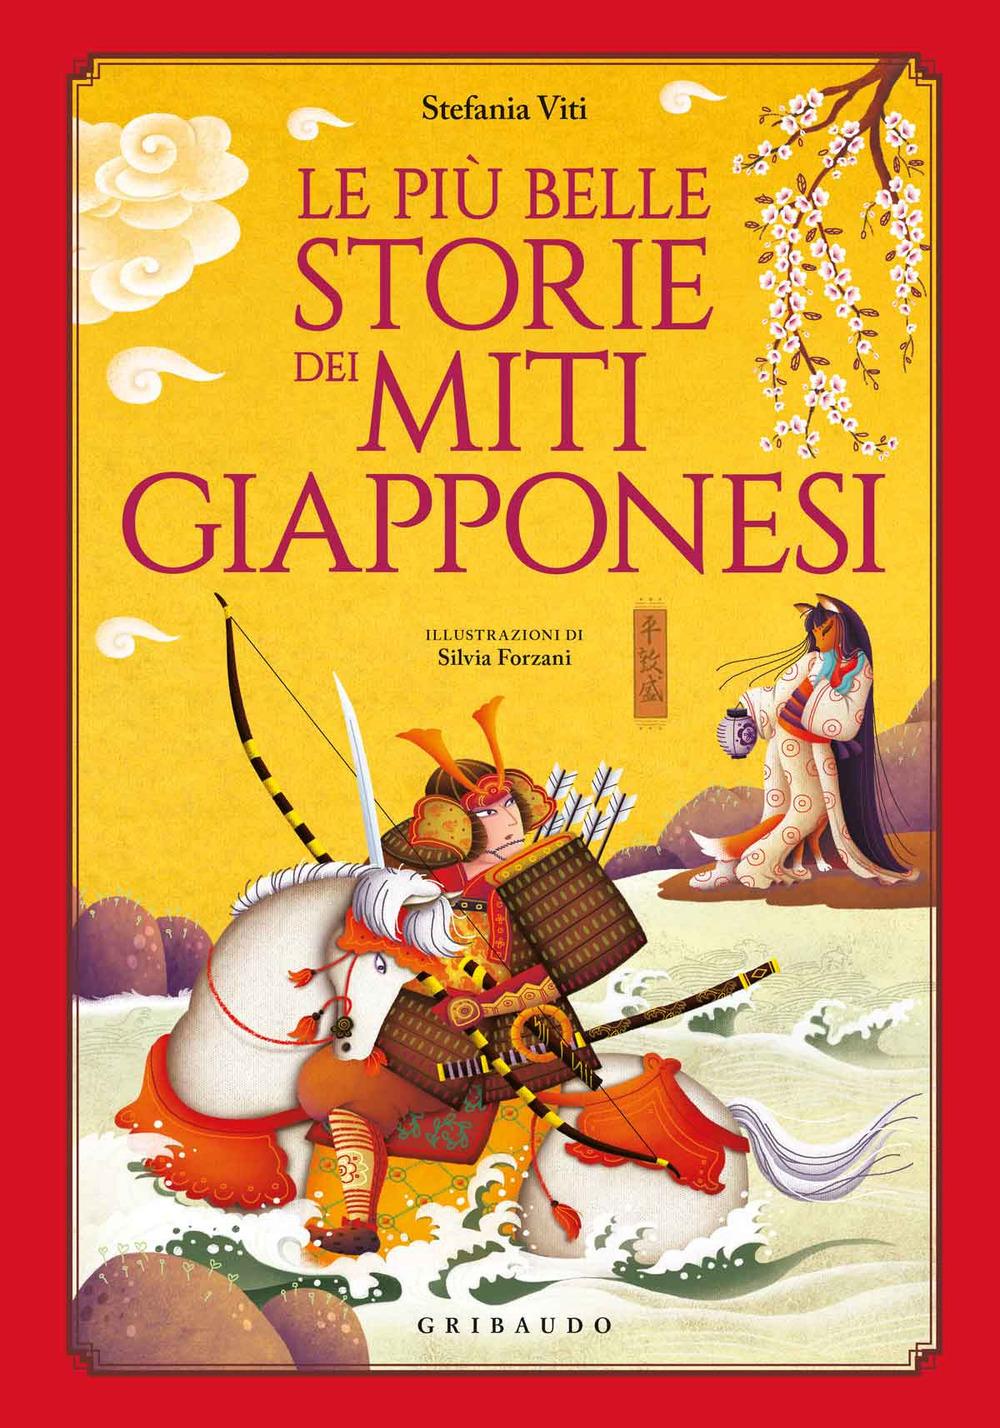 Le più belle storie dei miti giapponesi